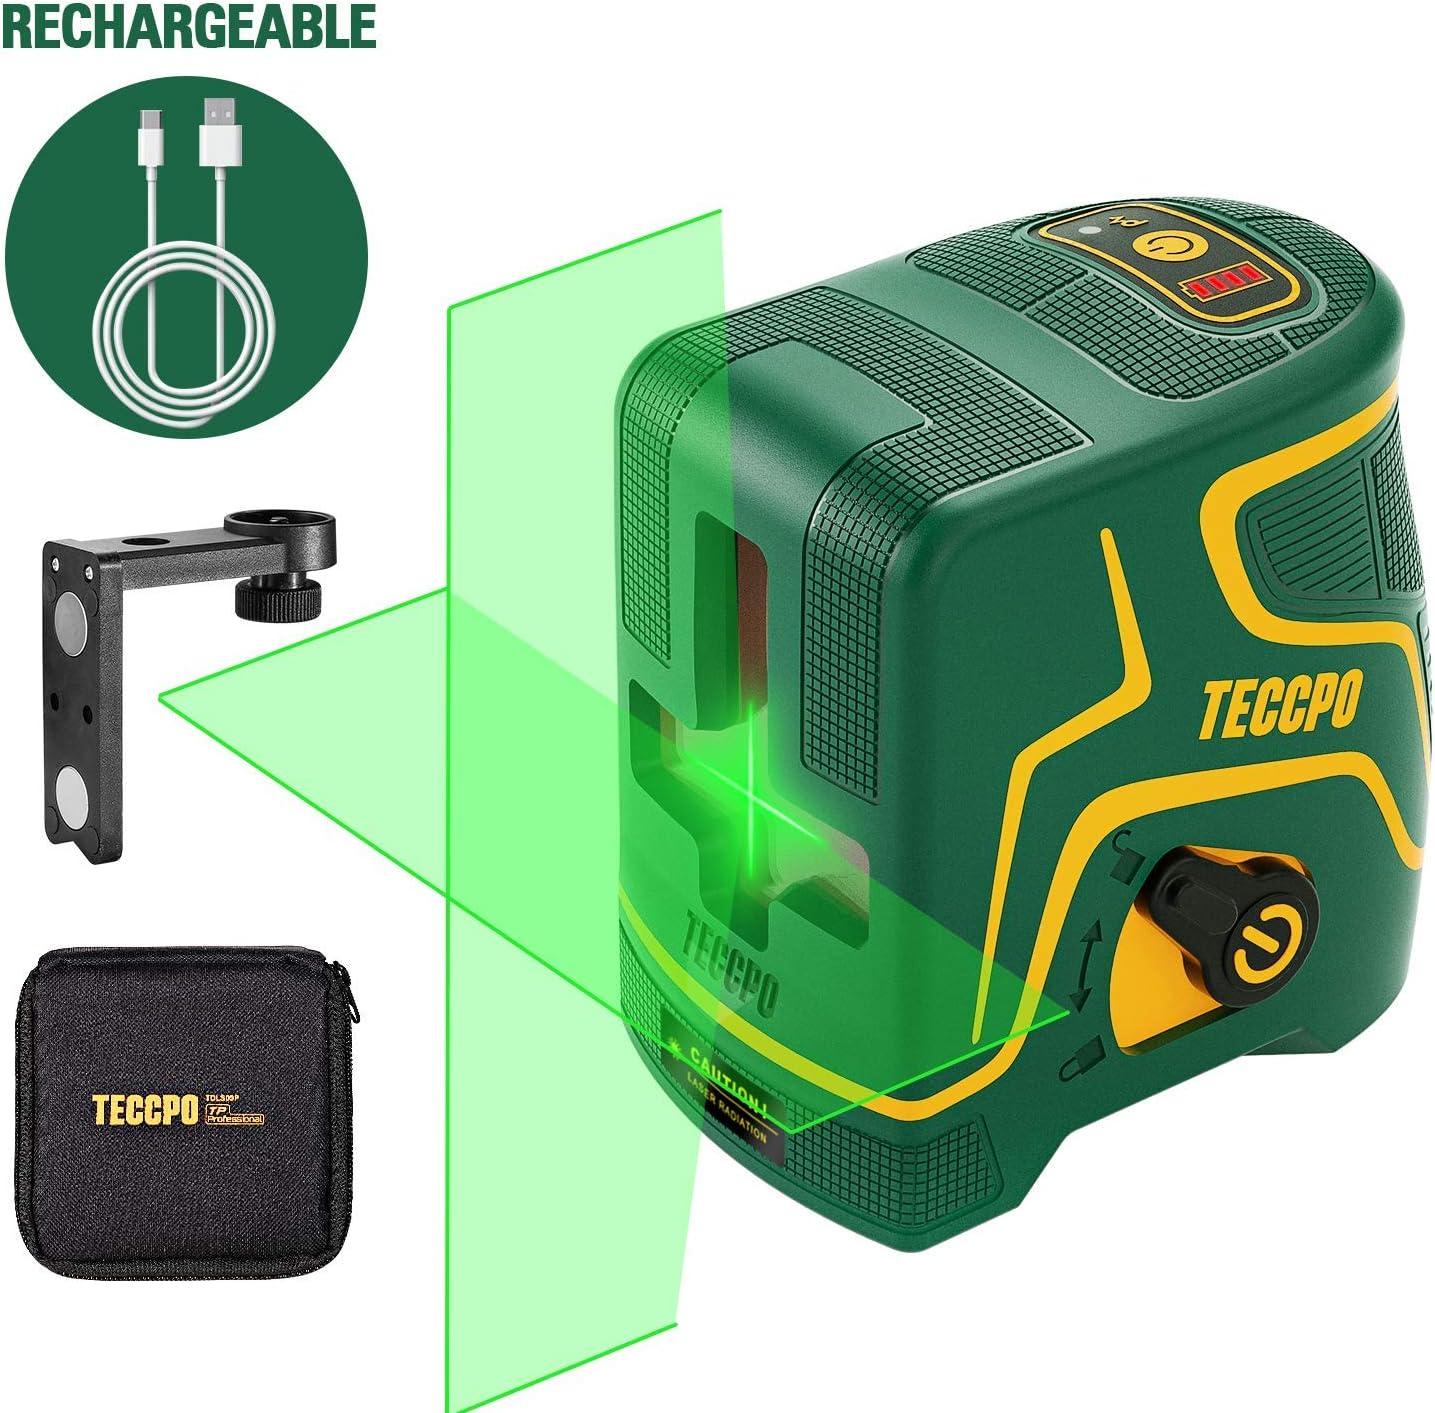 Nivel Láser Verde 30m TECCPO, USB Carga,120°Horizontal y Vertical,Líneas Cruzadas,para Diseño de Interiores,Autonivelación y Función de Pulso,Soporte Magnético,360° Giro,IP54,Bolsa Acolchada -TDLS09P